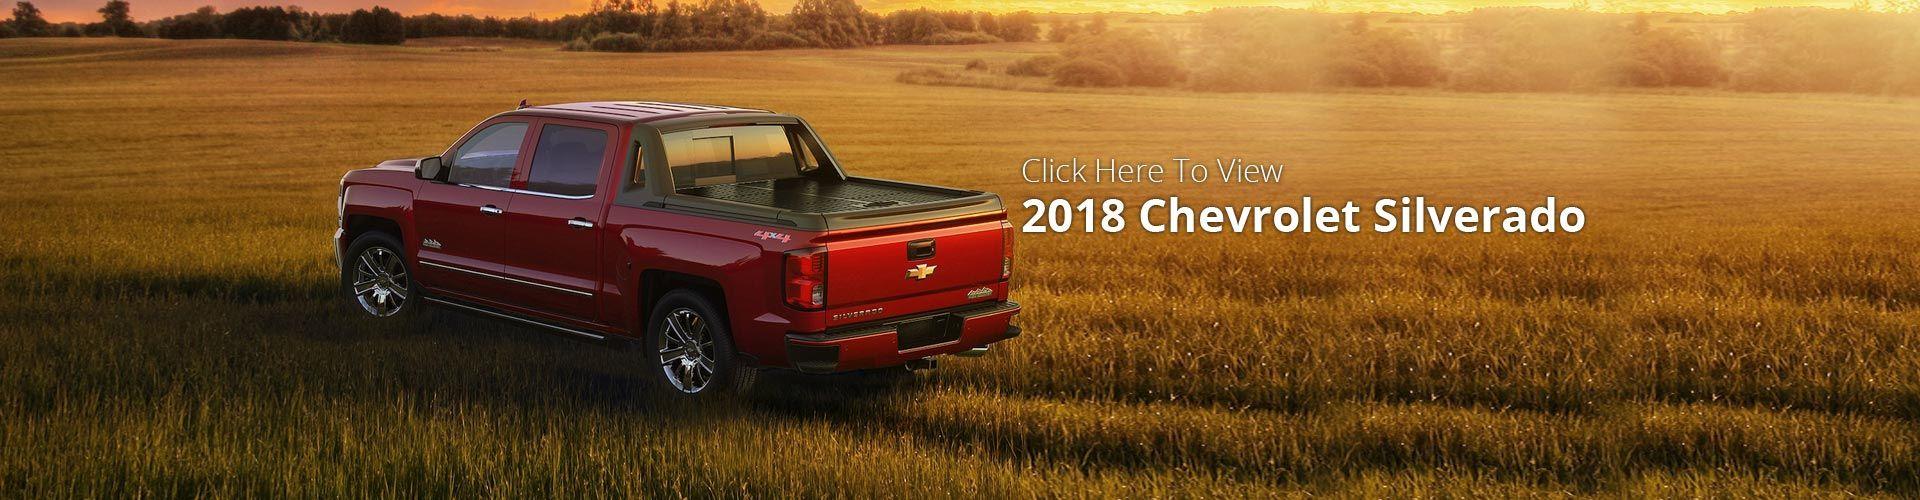 Nice 2018 Chevrolet Silverado